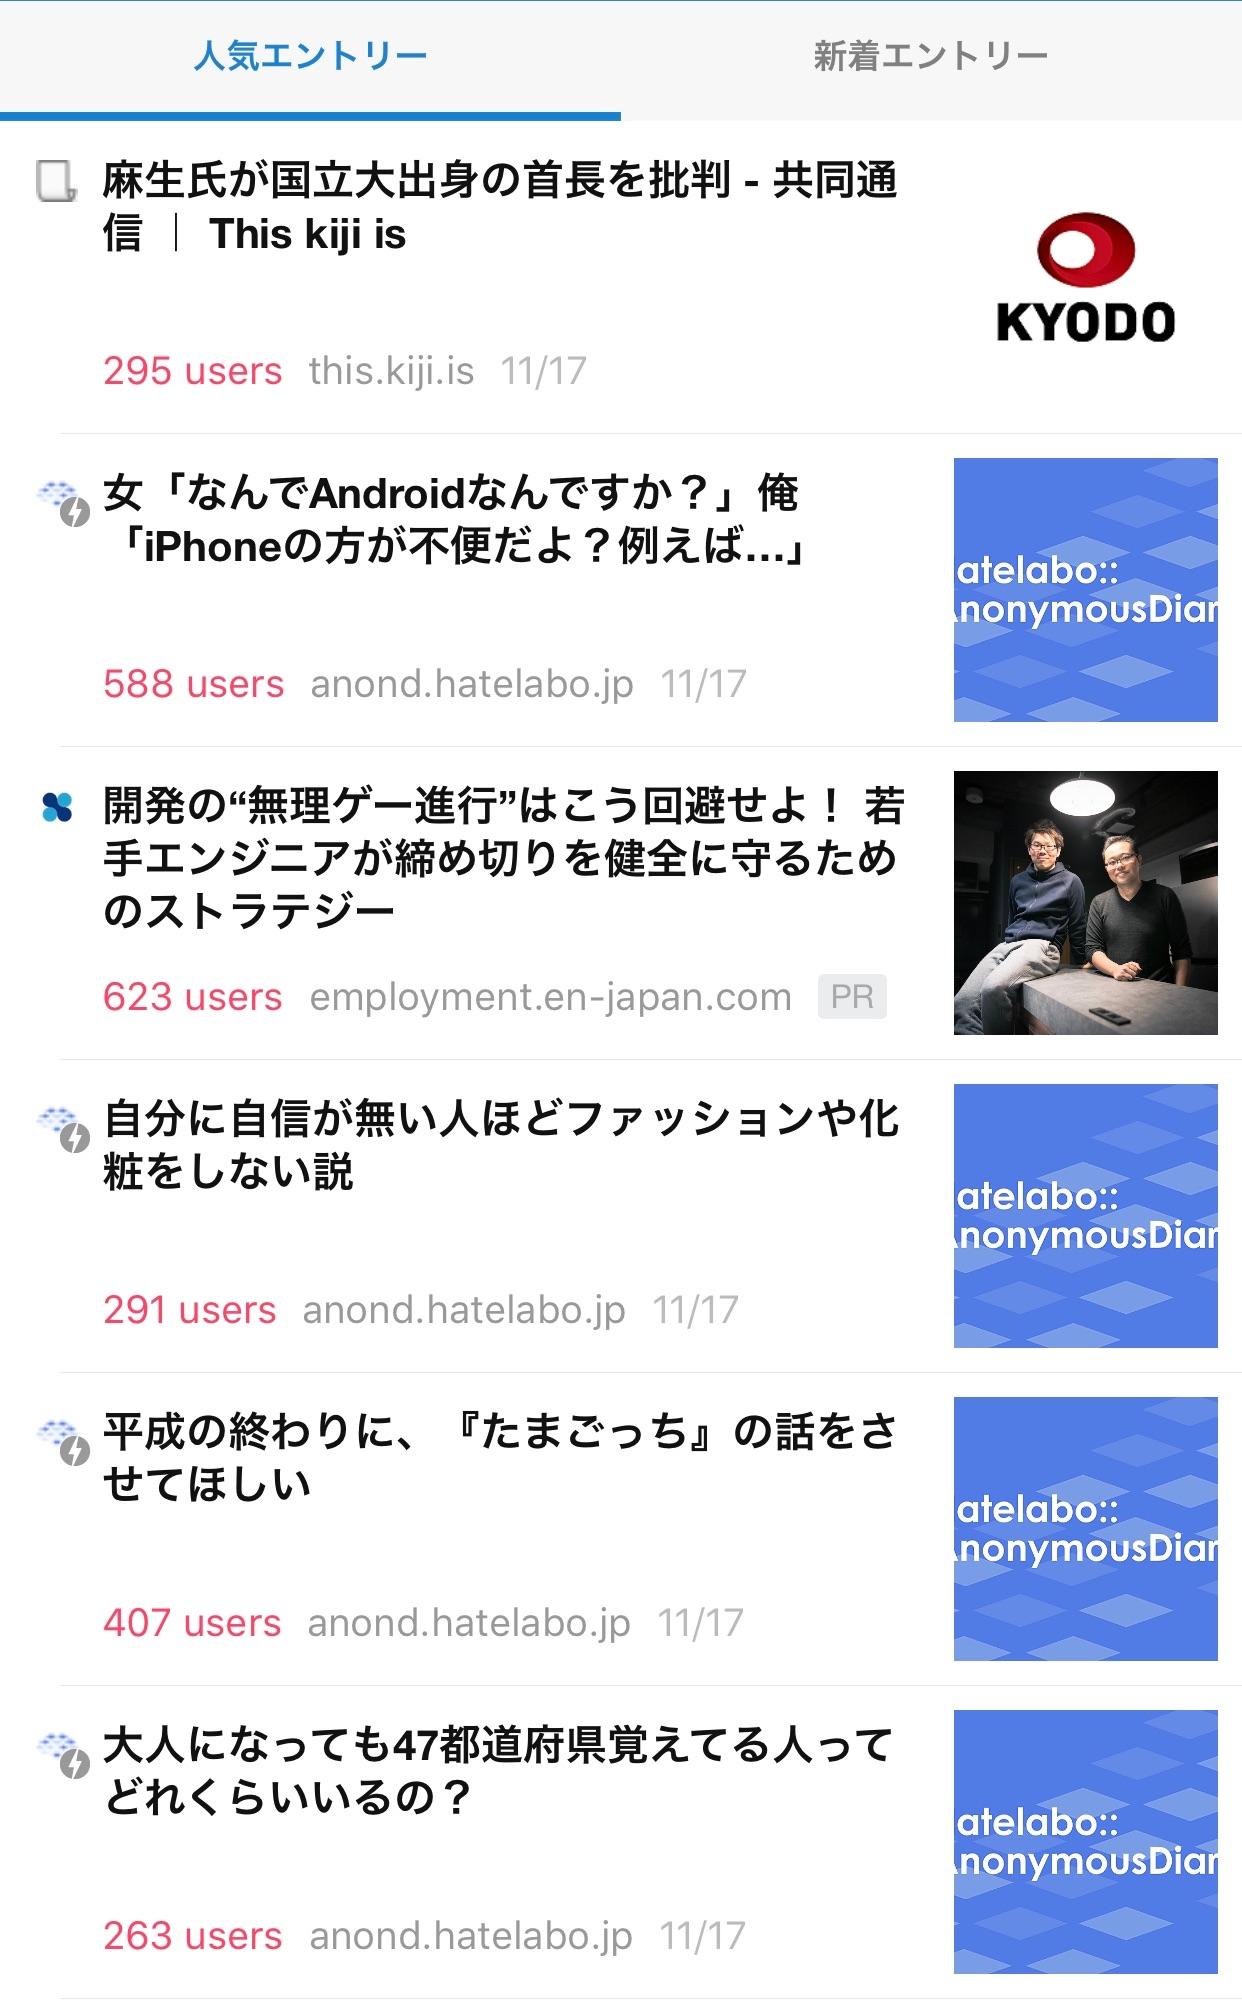 2018年11月18日の朝方にはてなブックマークの人気エントリとして表示されていたエントリ.PR記事とはてな匿名ダイアリーを除くと麻生氏のいつものアレというすごいラインナップだった.